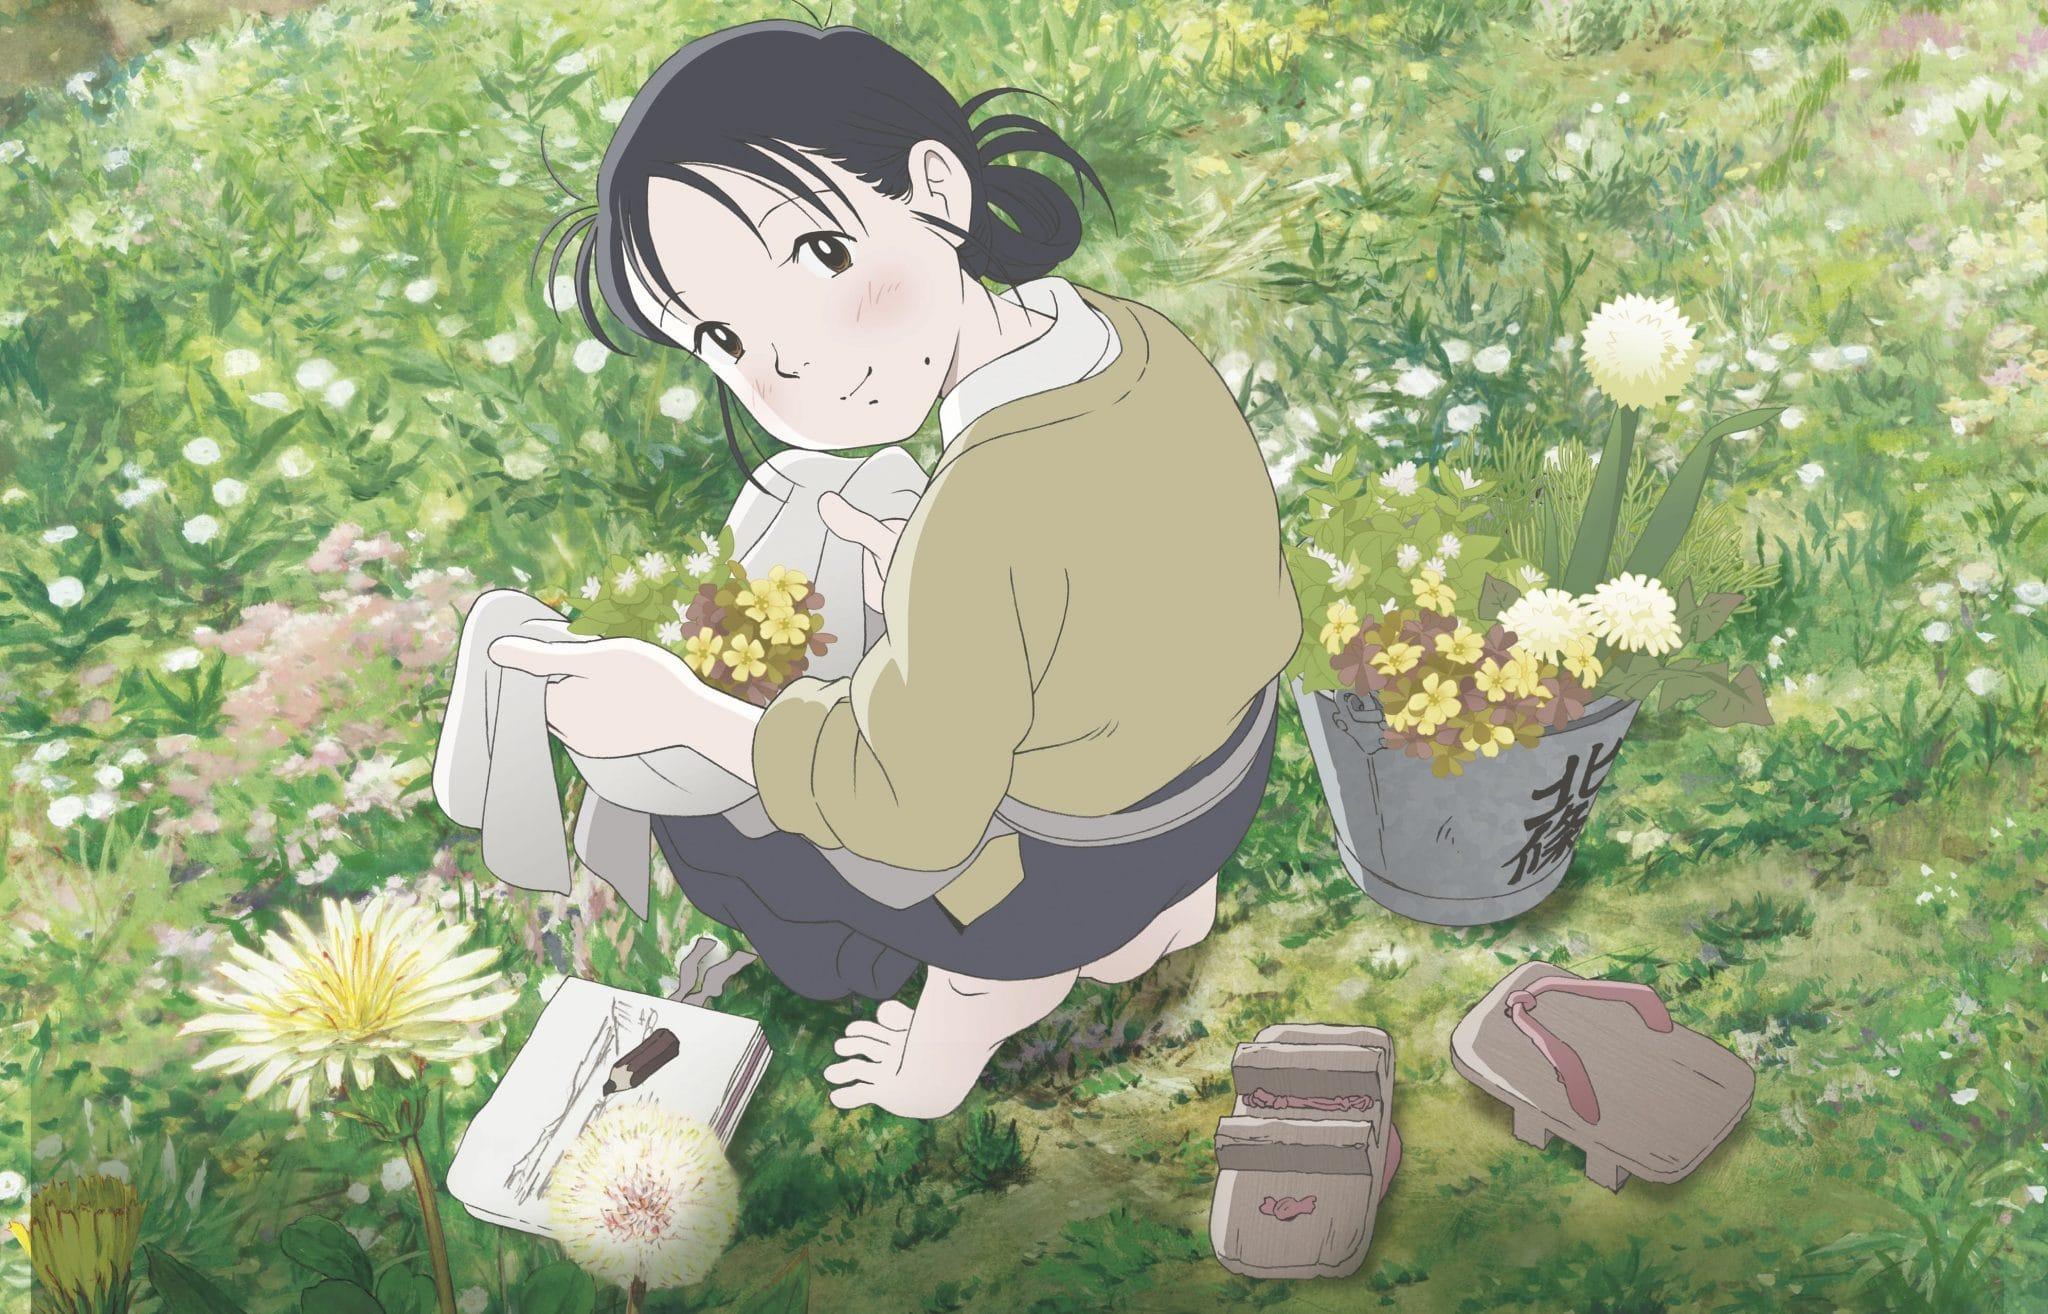 Festival international du film d'animation d'Annecy 2017 image Dans Un Recoin De Ce Monde